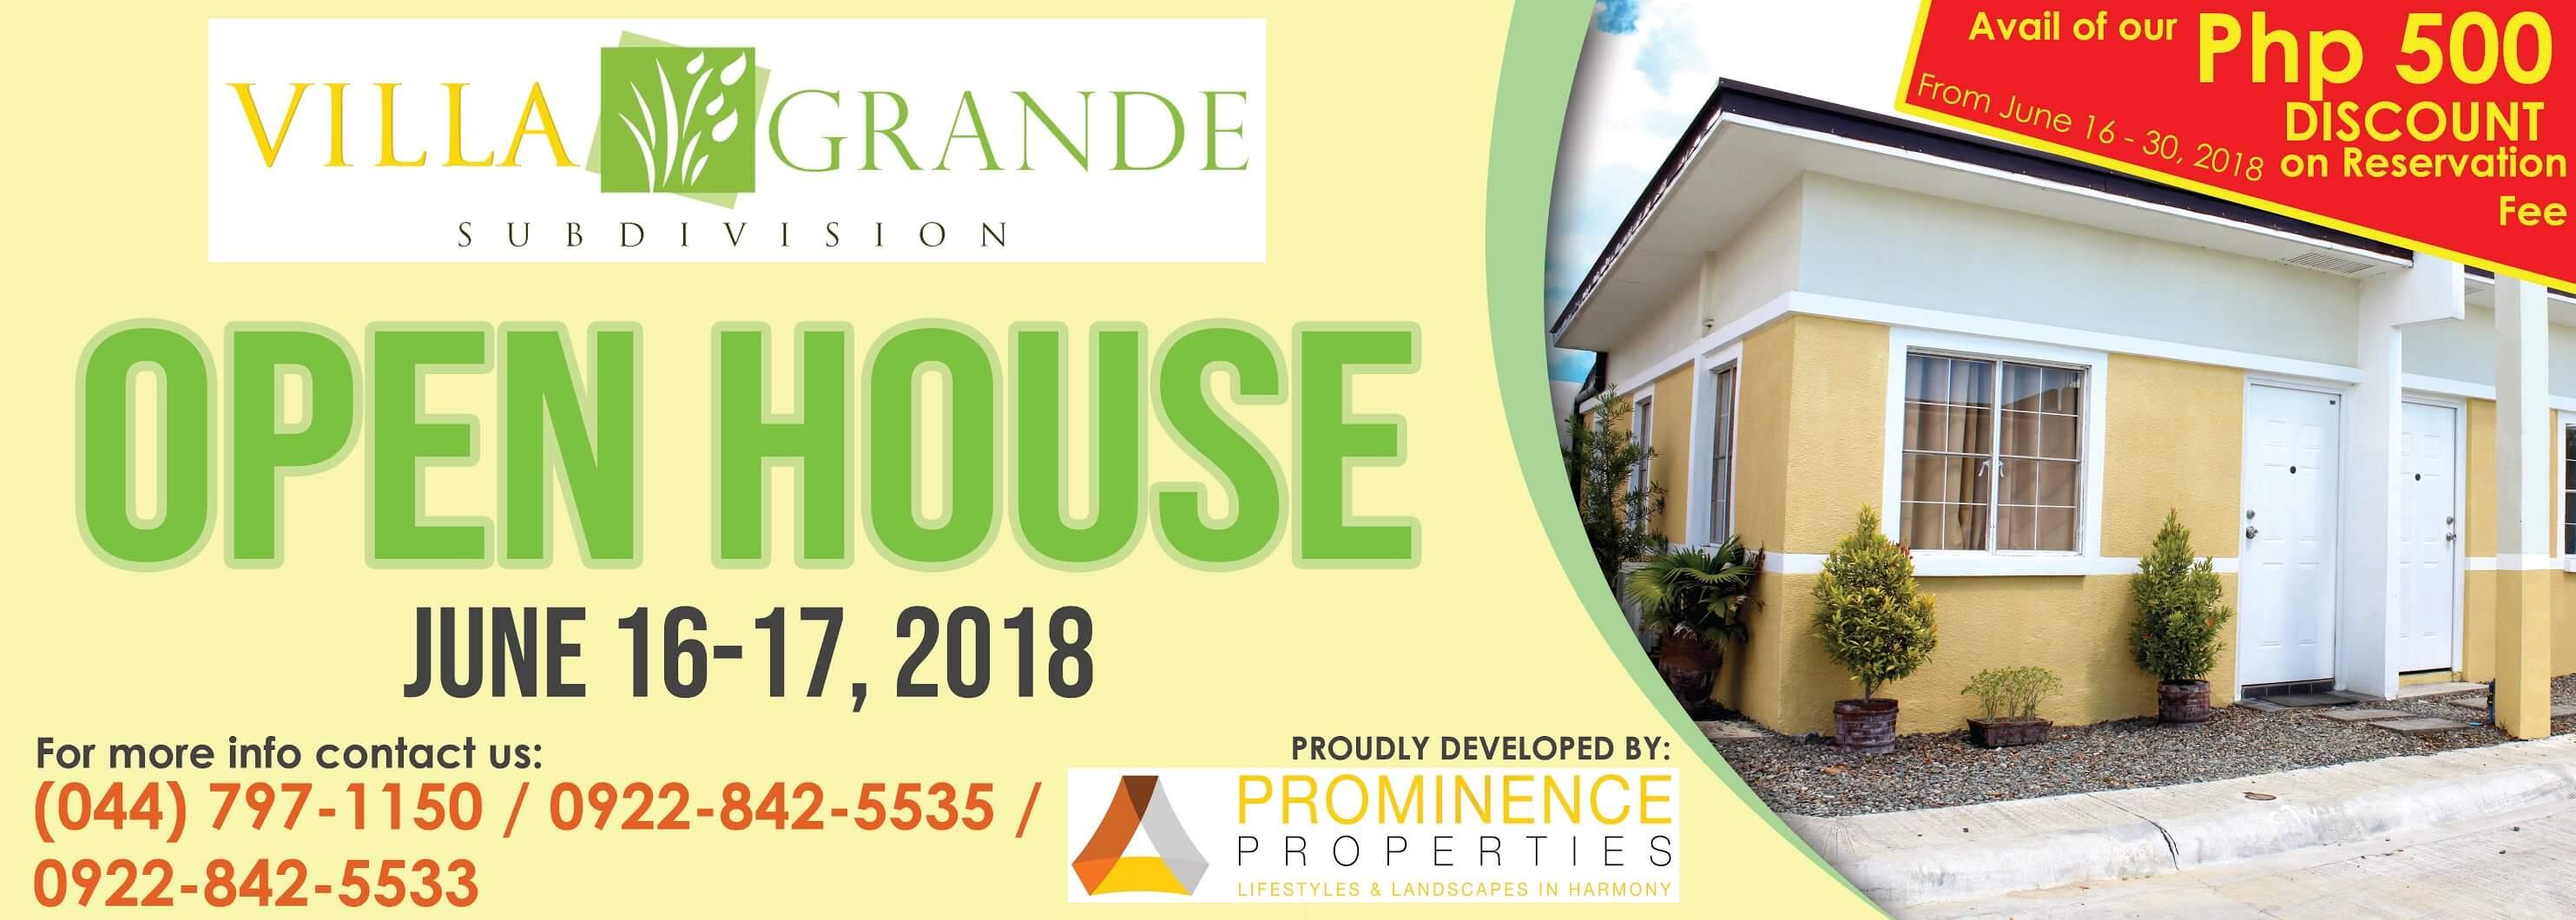 Villa Grande Subdivision Open House